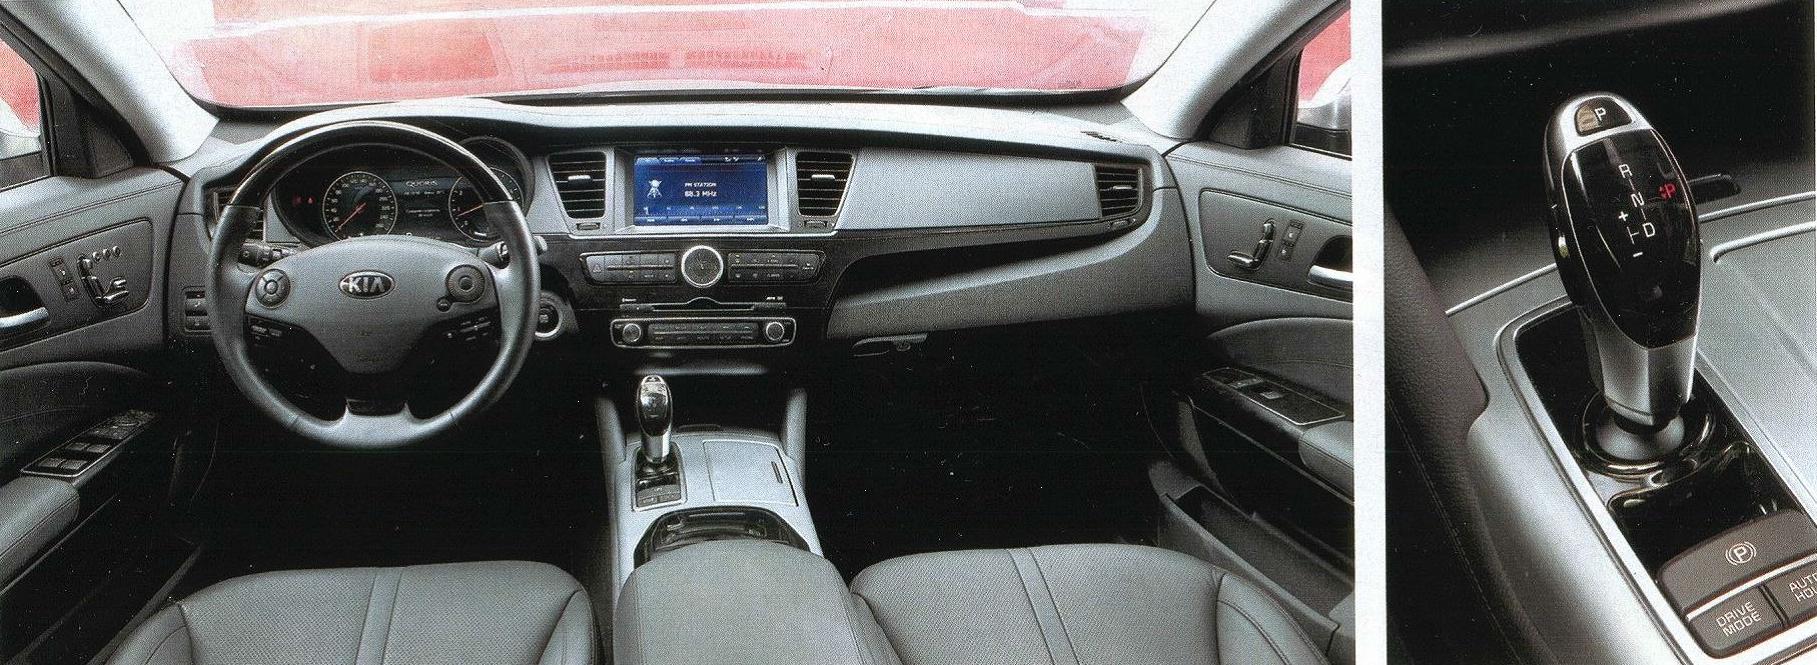 Тест VW Phaeton, Jaguar XJ, Hyundai Equus и Kia Quoris Тест VW Phaeton, Jaguar XJ, Hyundai Equus и Kia Quoris